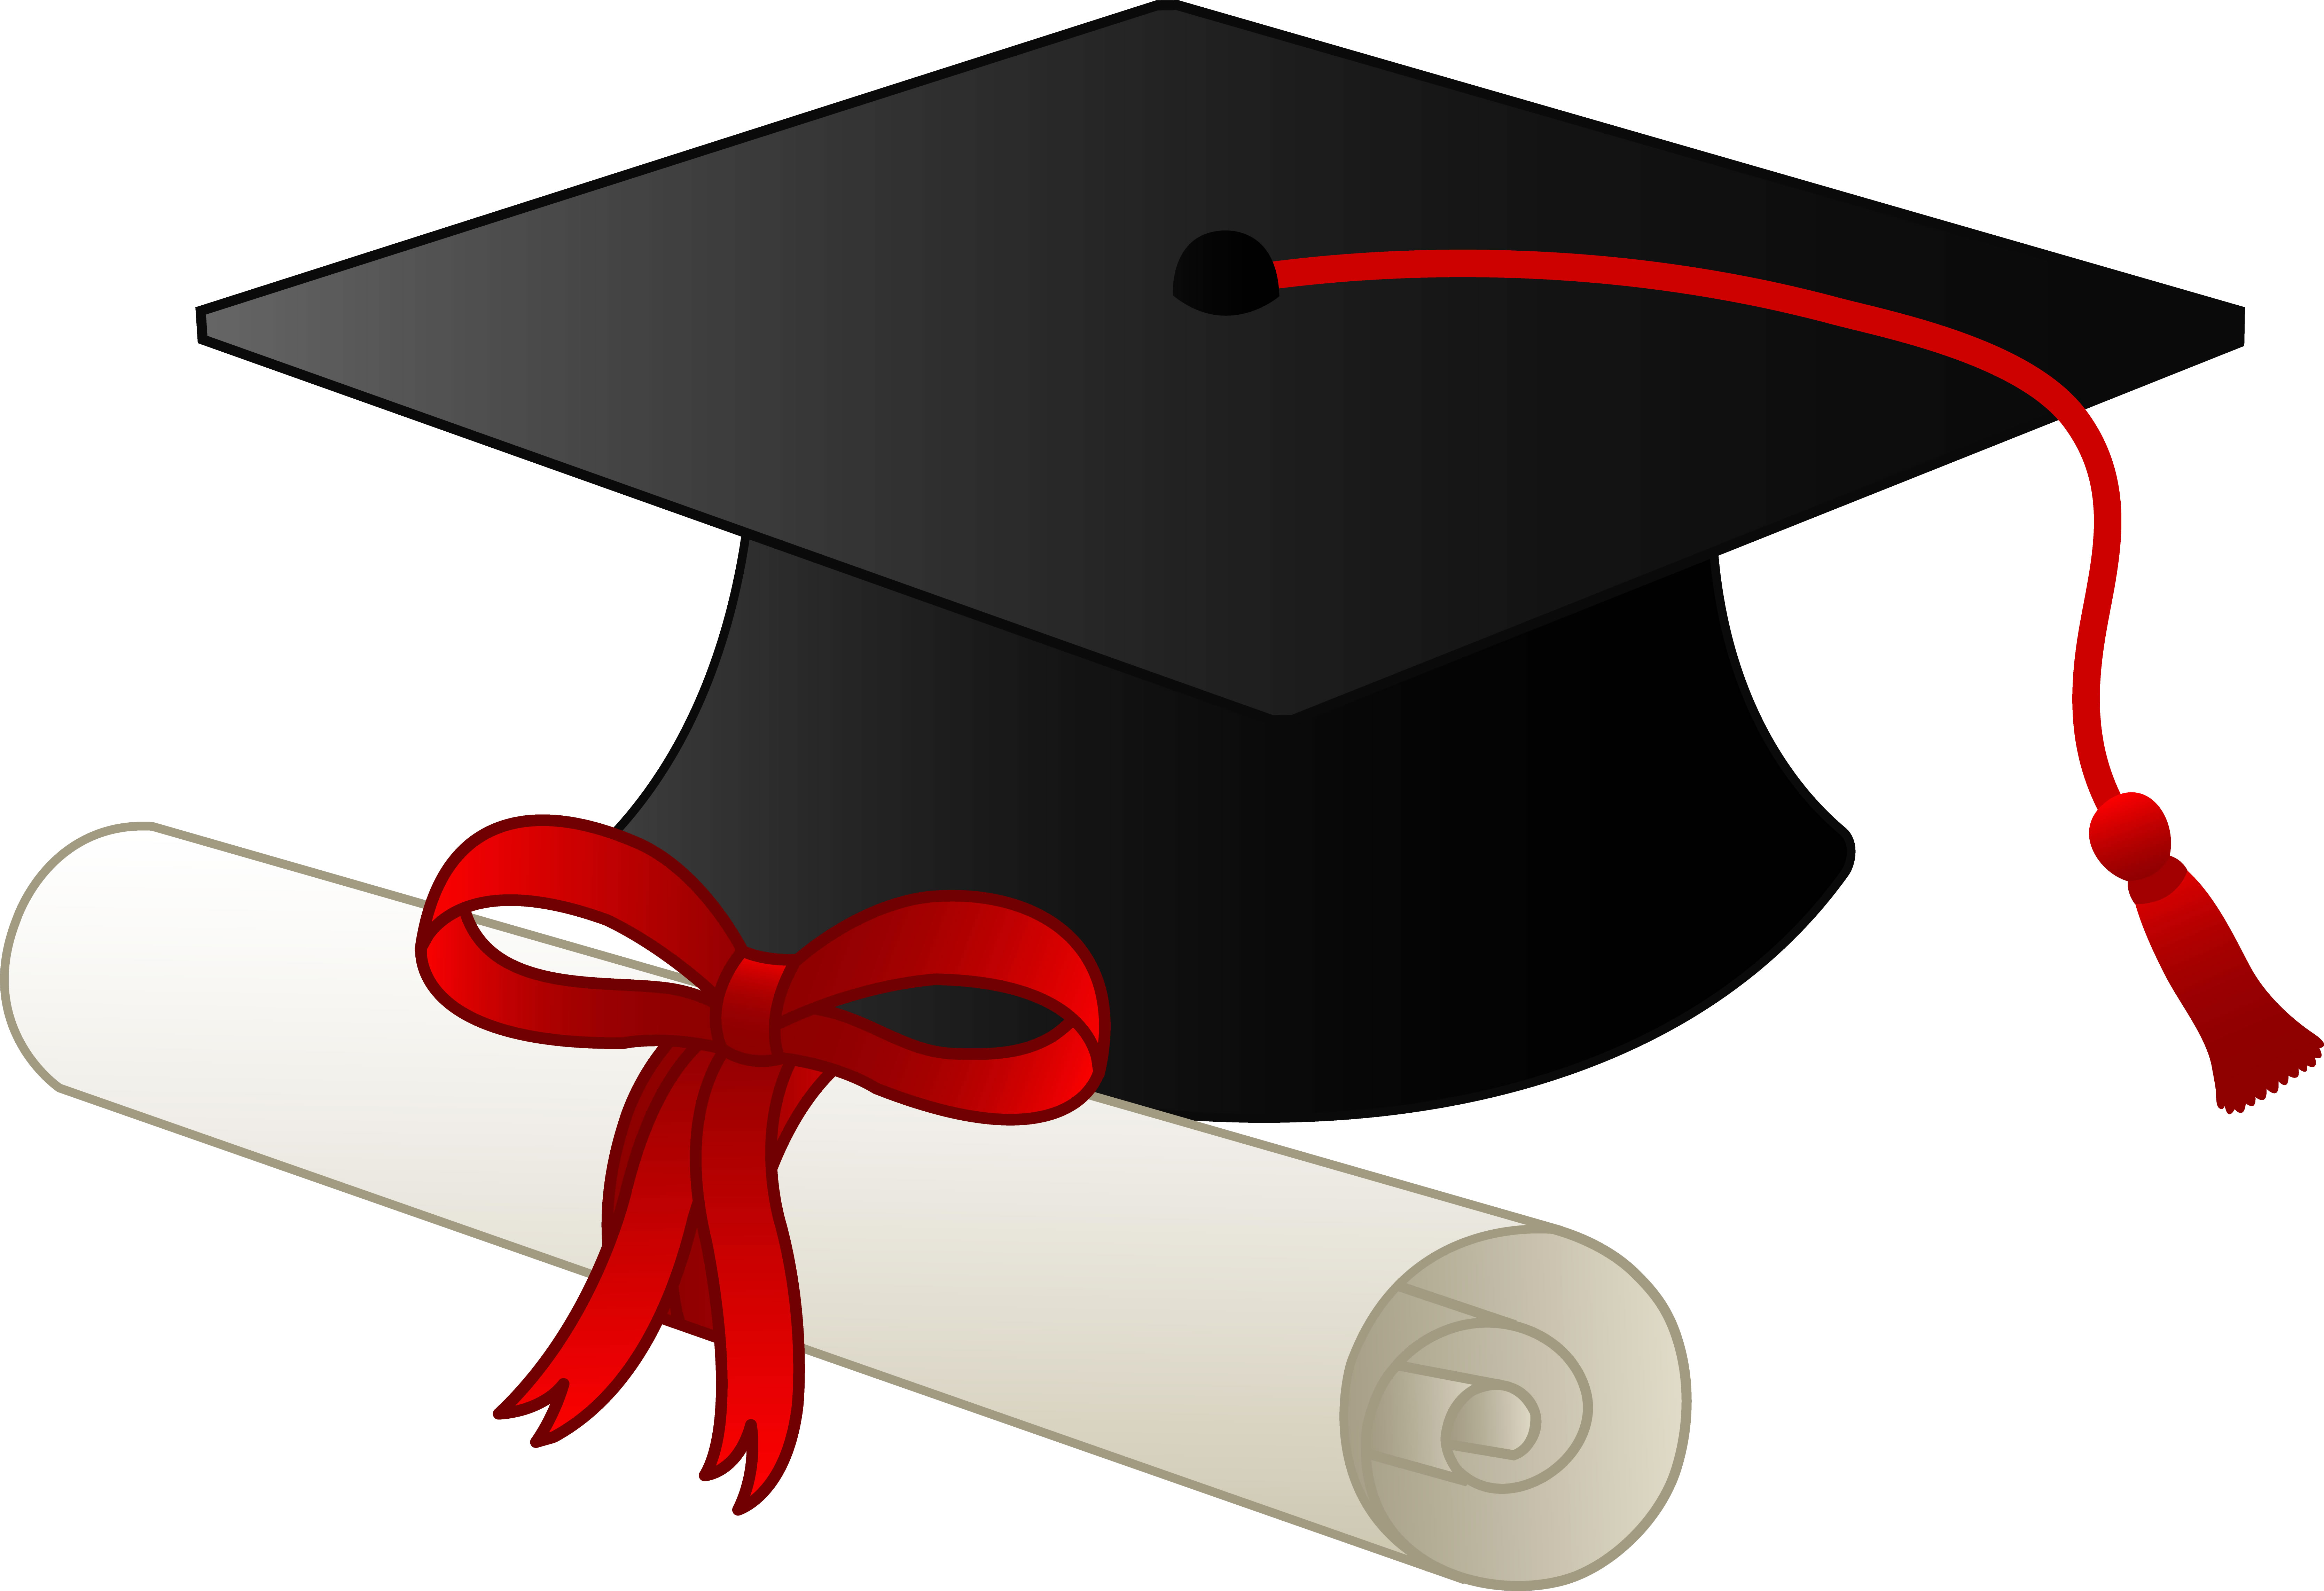 6675x4570 College Clip Art Images Clipart